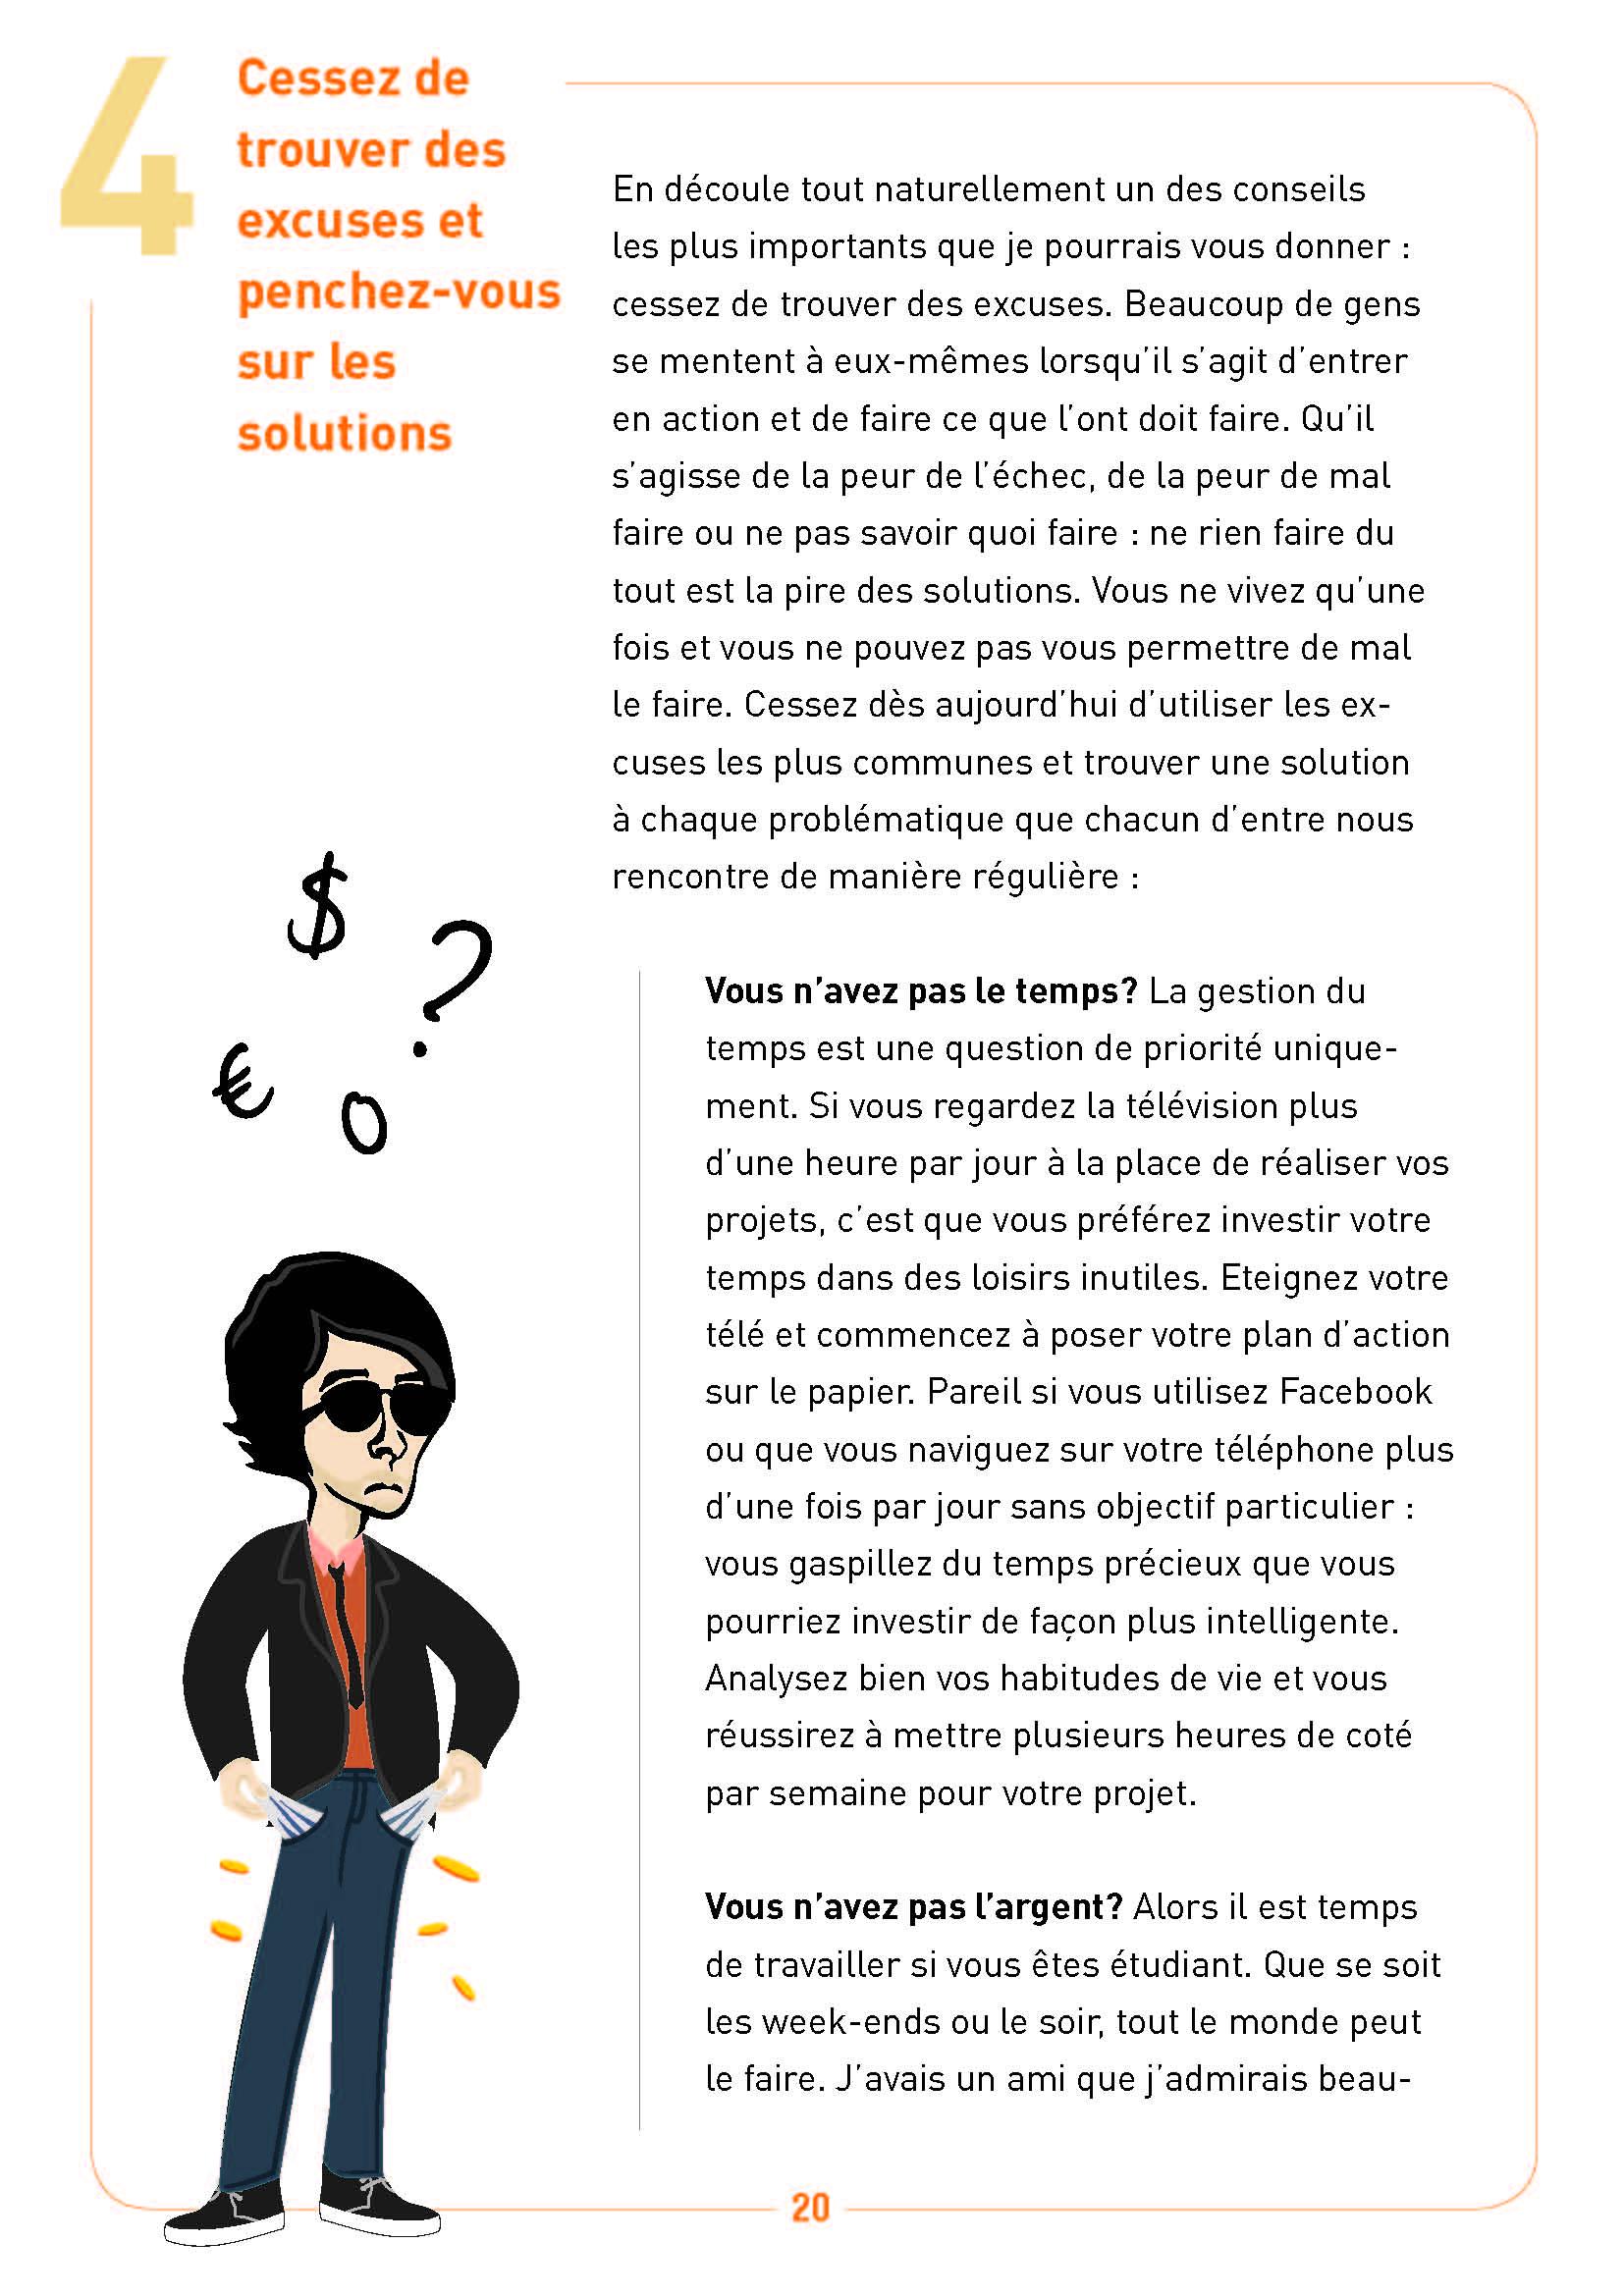 artfichier_800376_5222064_201510181824497 COMMENT ATTEINDRE LE SUCCÈS SANS BAGAGES